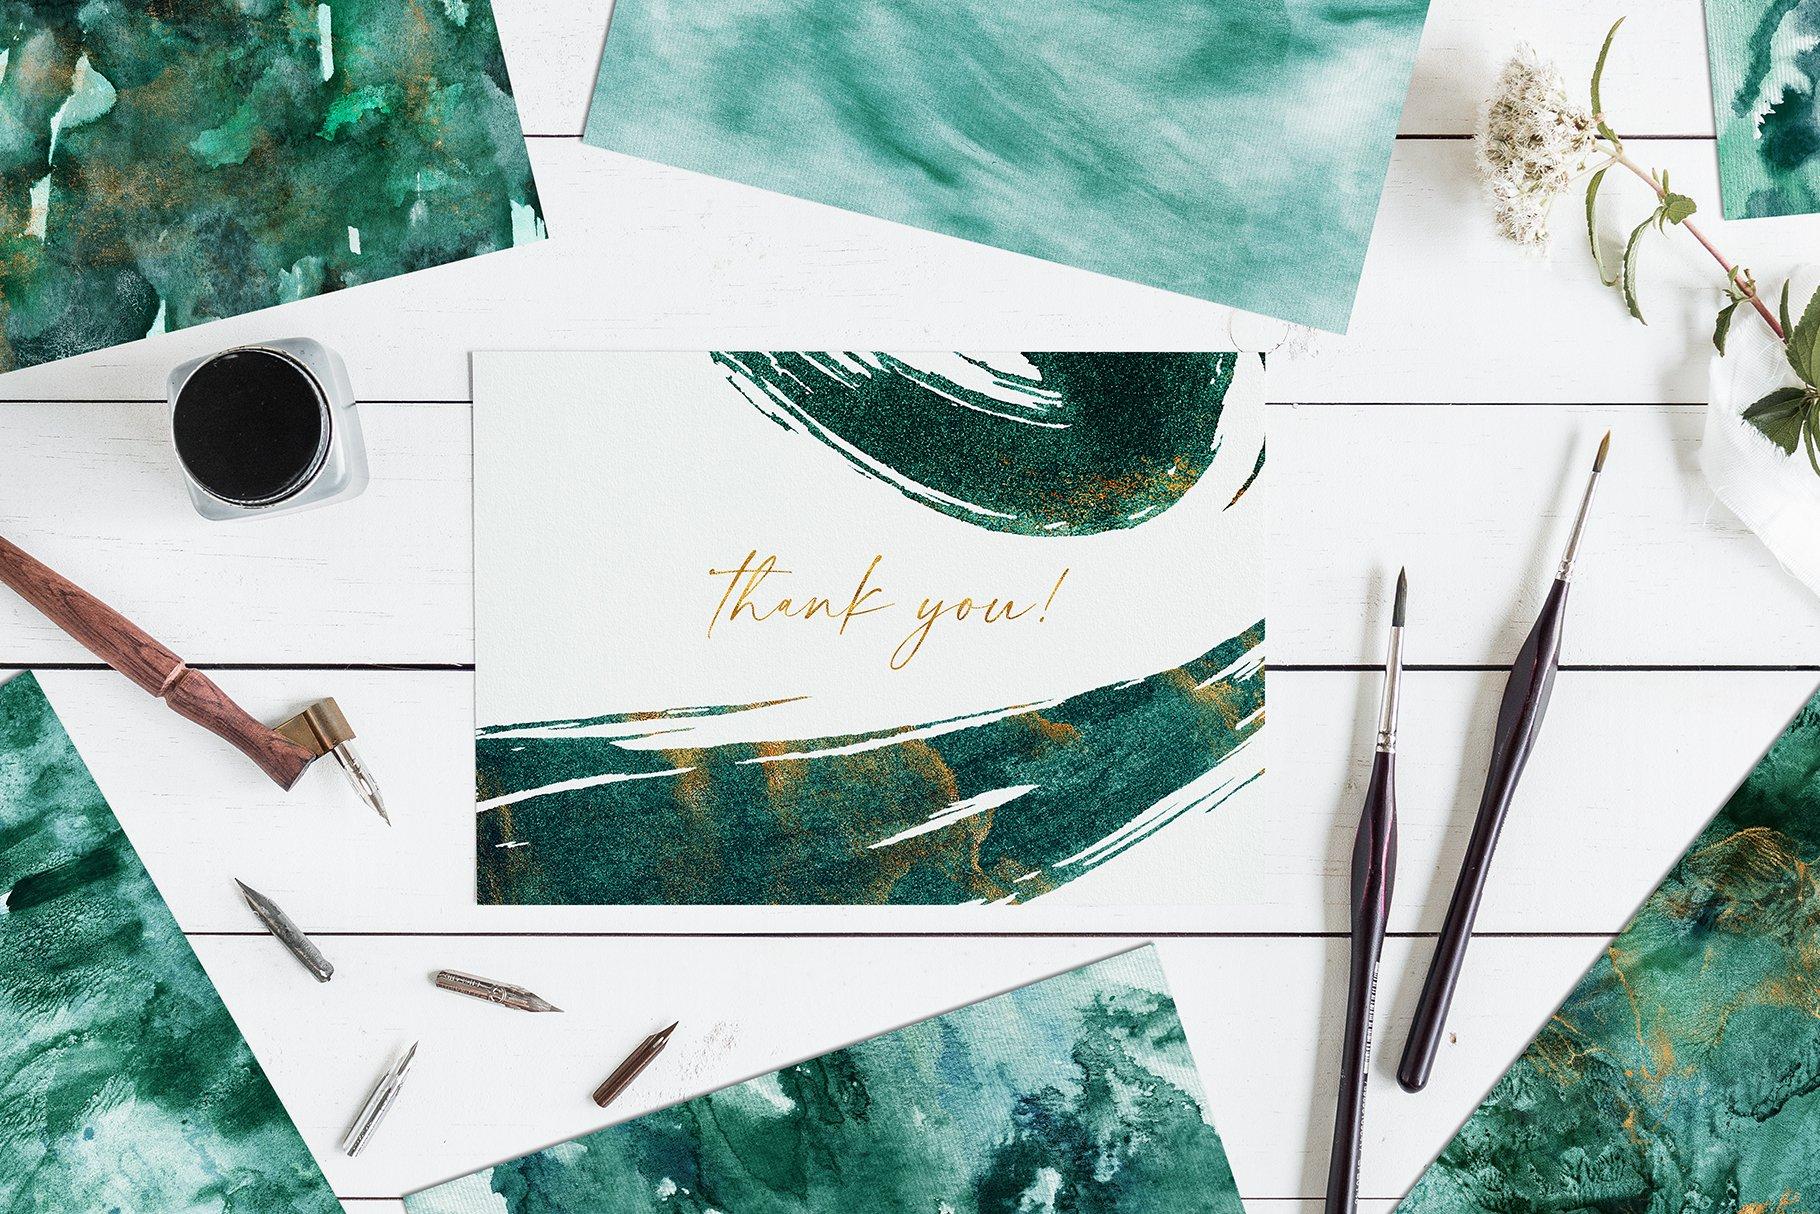 30款奢华翡翠墨绿流金水彩抽象艺术装饰背景底纹图片素材 Seamless Watercolor Backgrounds插图30